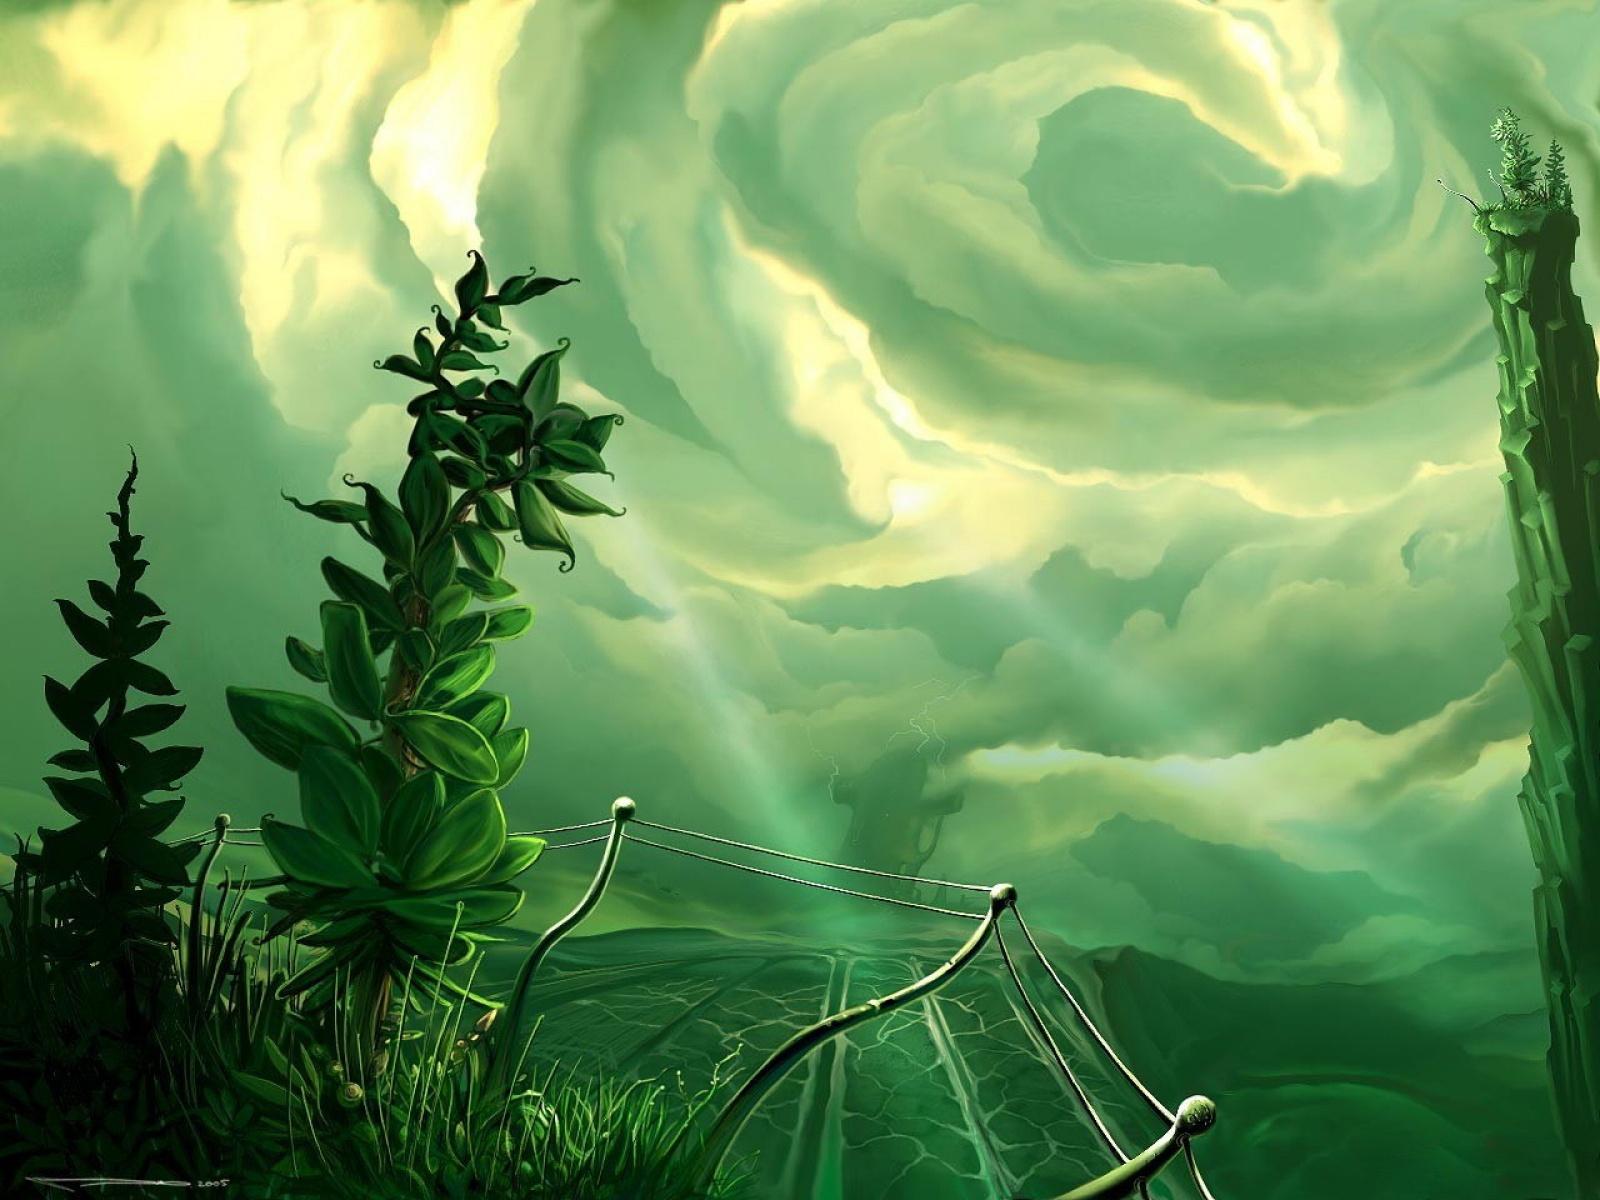 Fond d 39 ecran vert nature wallpaper for Design paysage